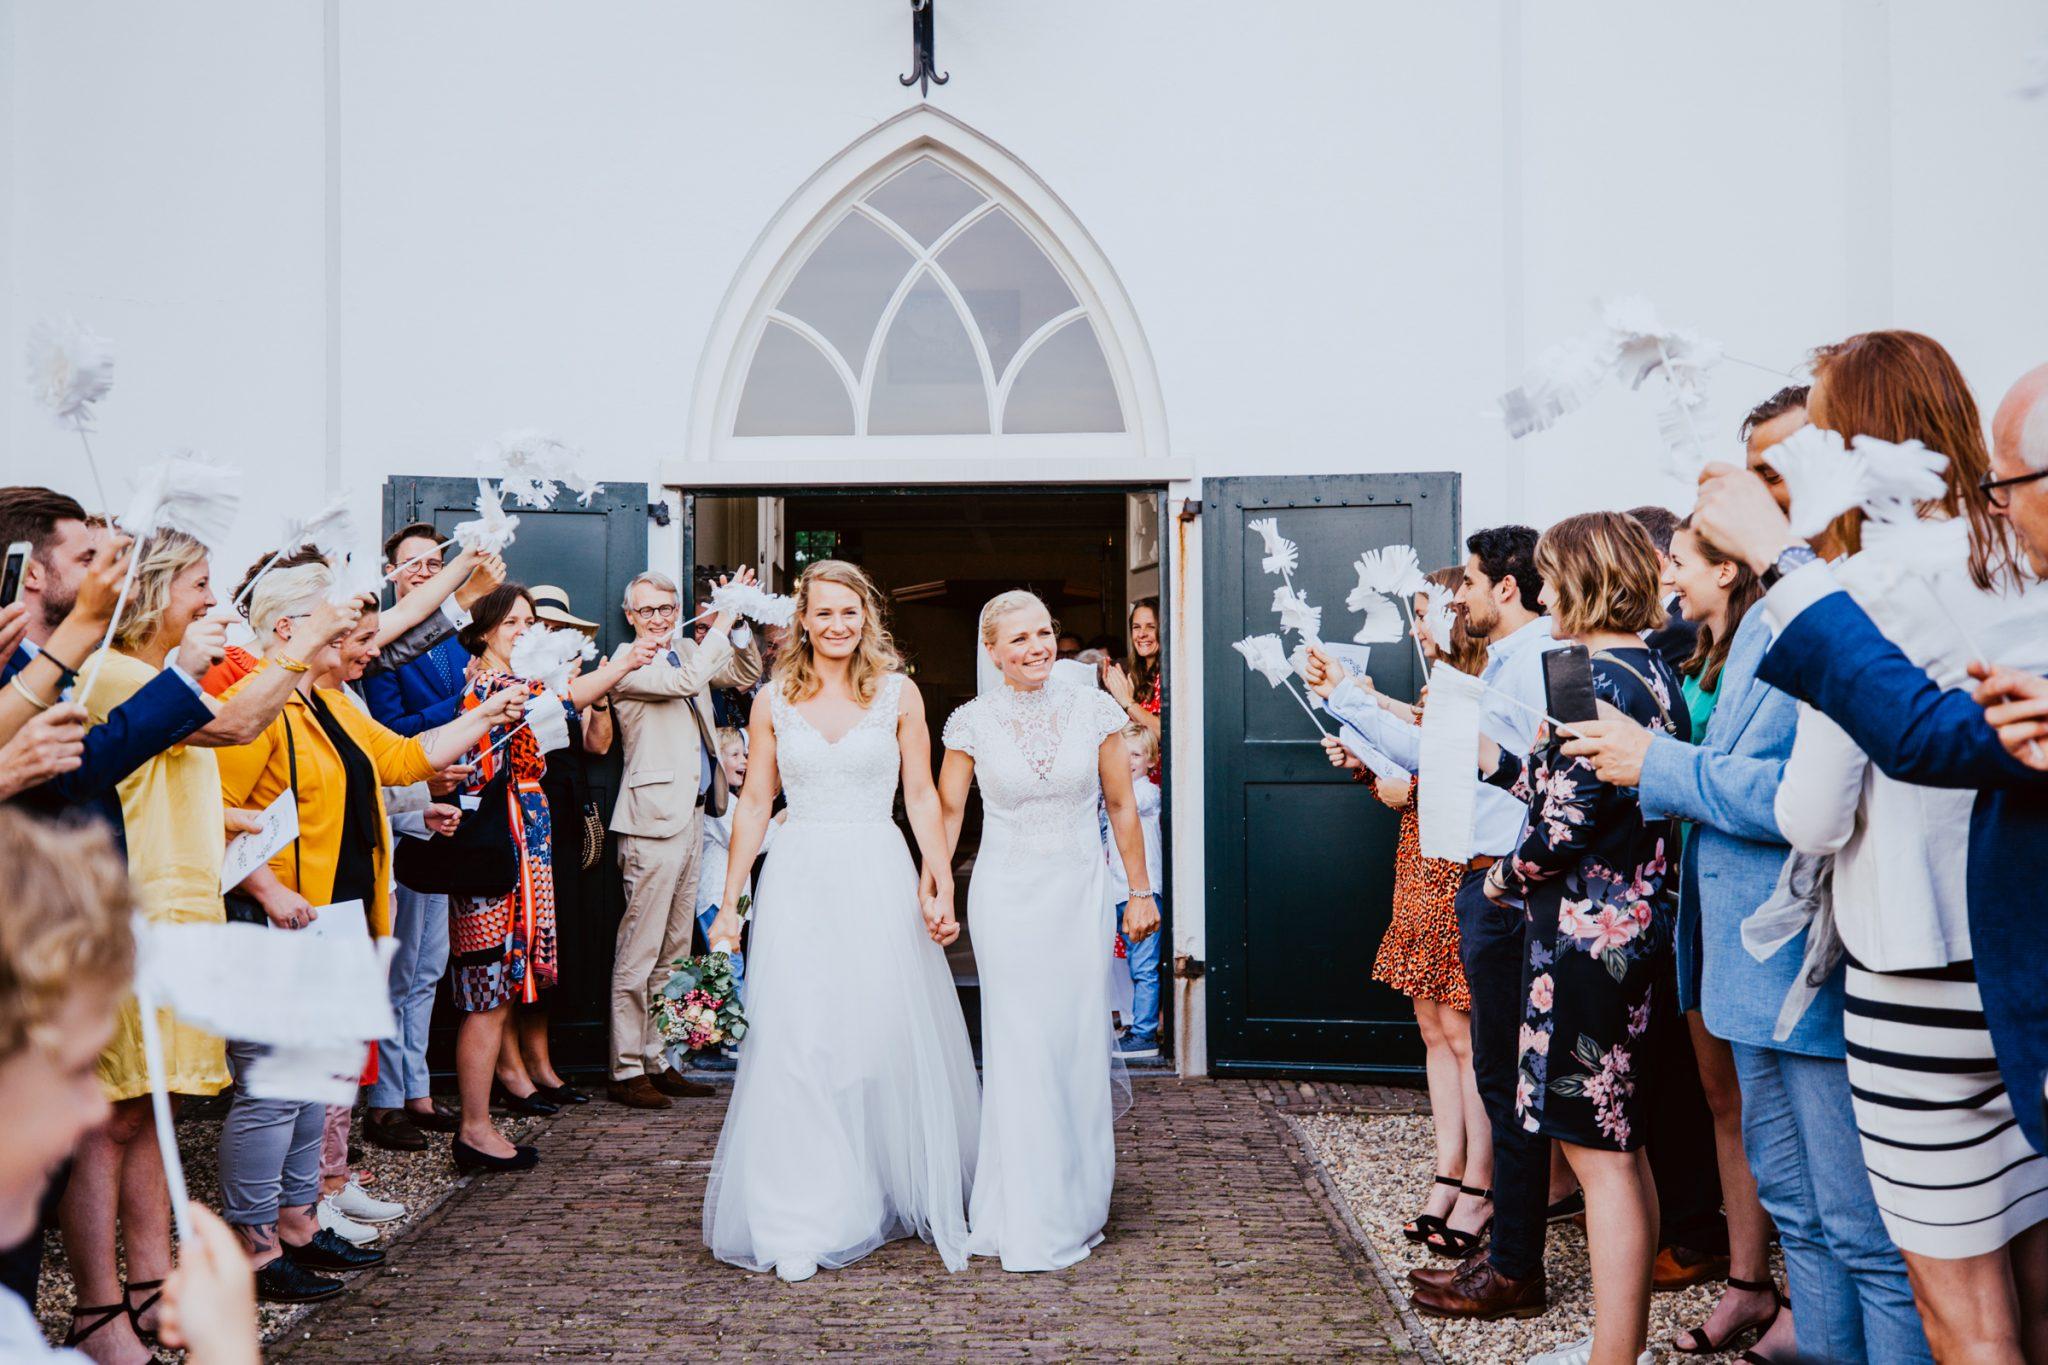 Bruidspaar trouwen in woeste hoeve